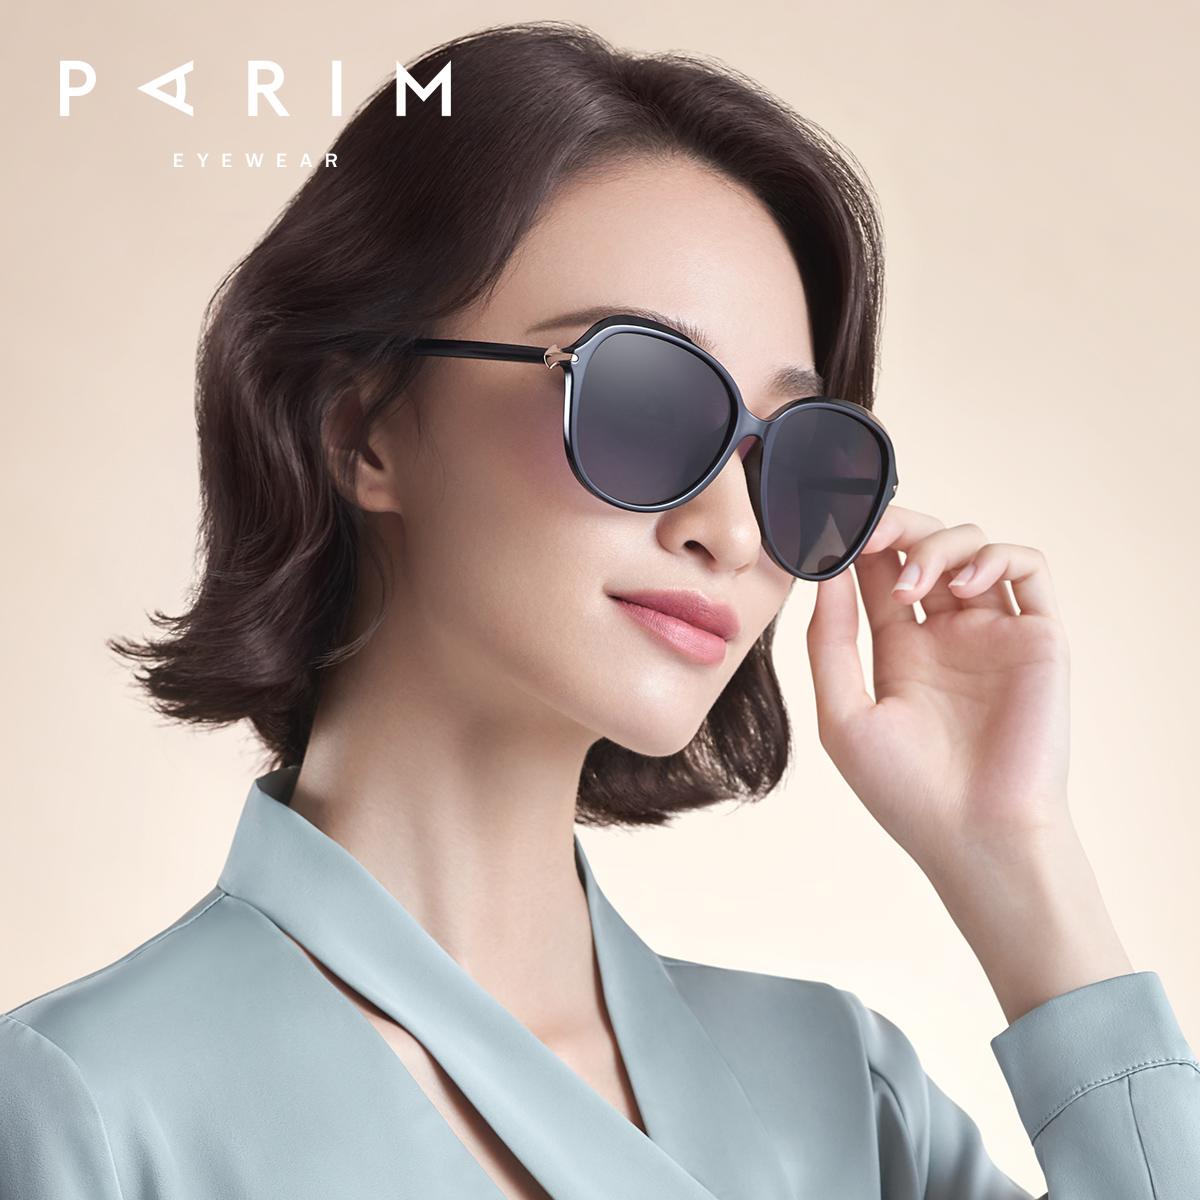 派丽蒙太阳镜女2021年新款大框眼镜圆脸开车专用防紫外线偏光墨镜